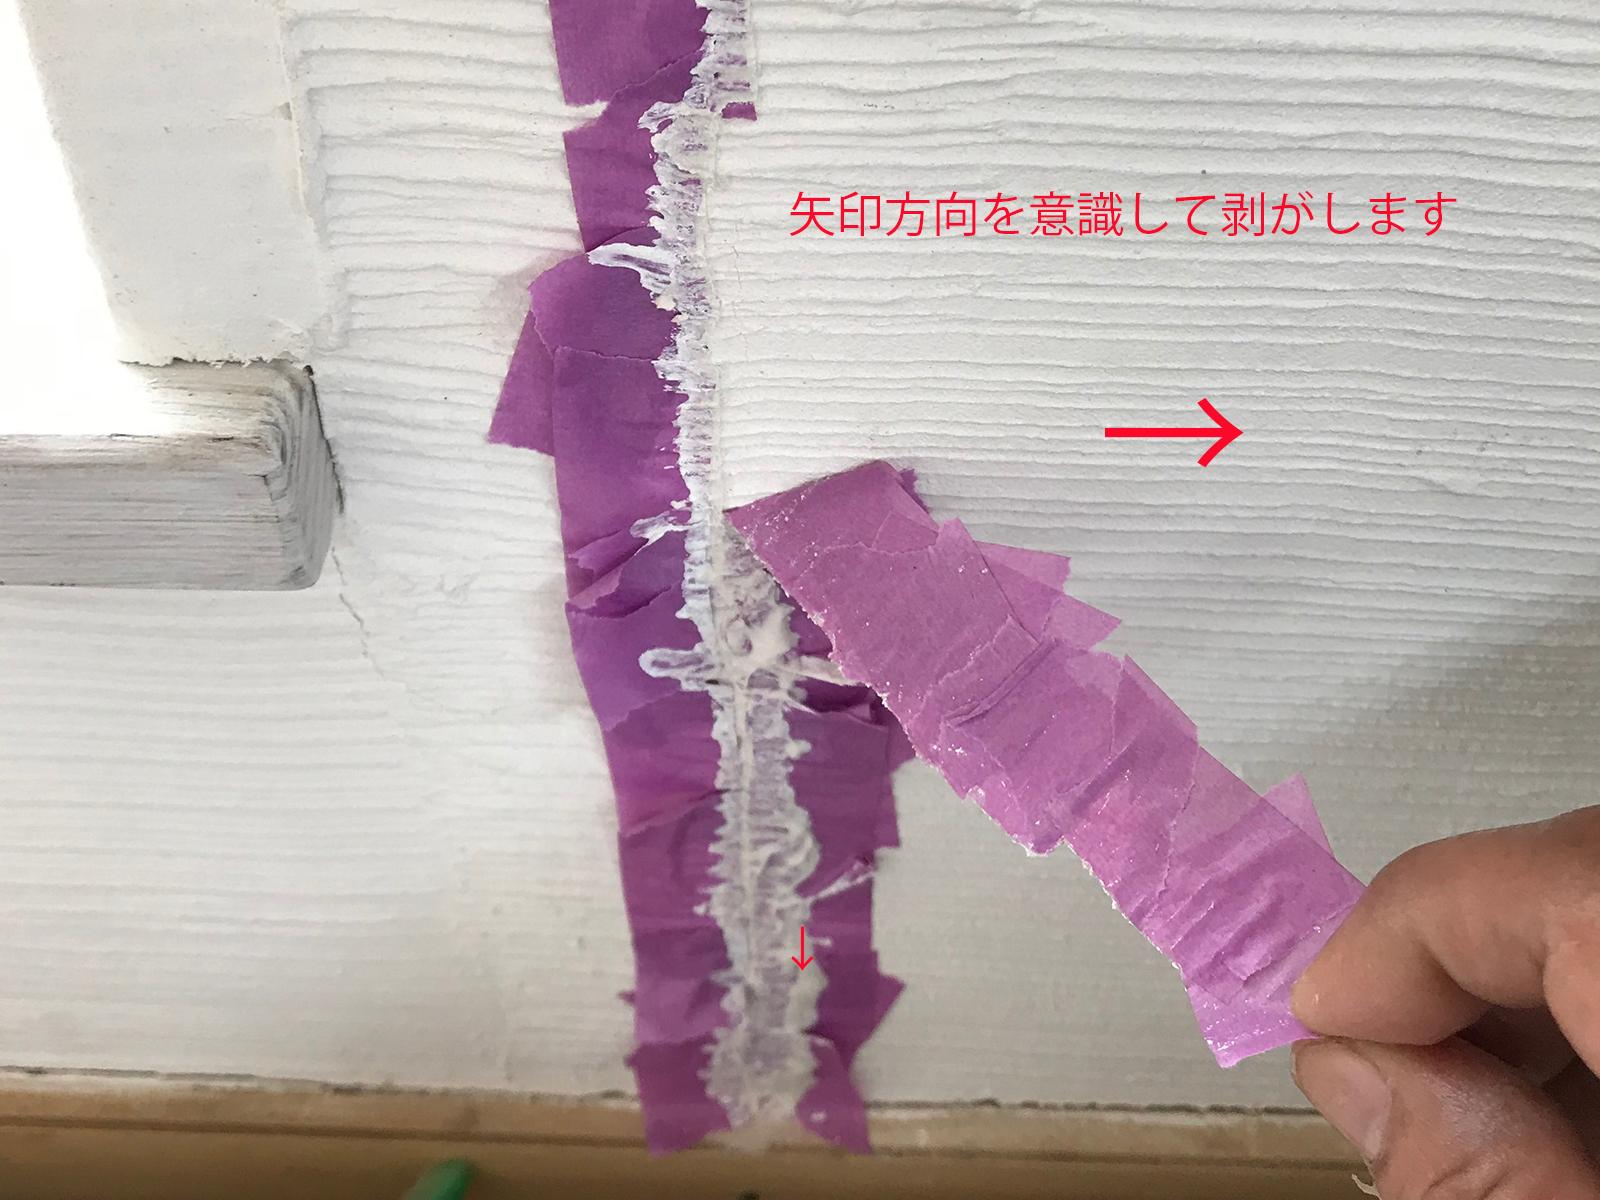 マスキングテープの剥がし方